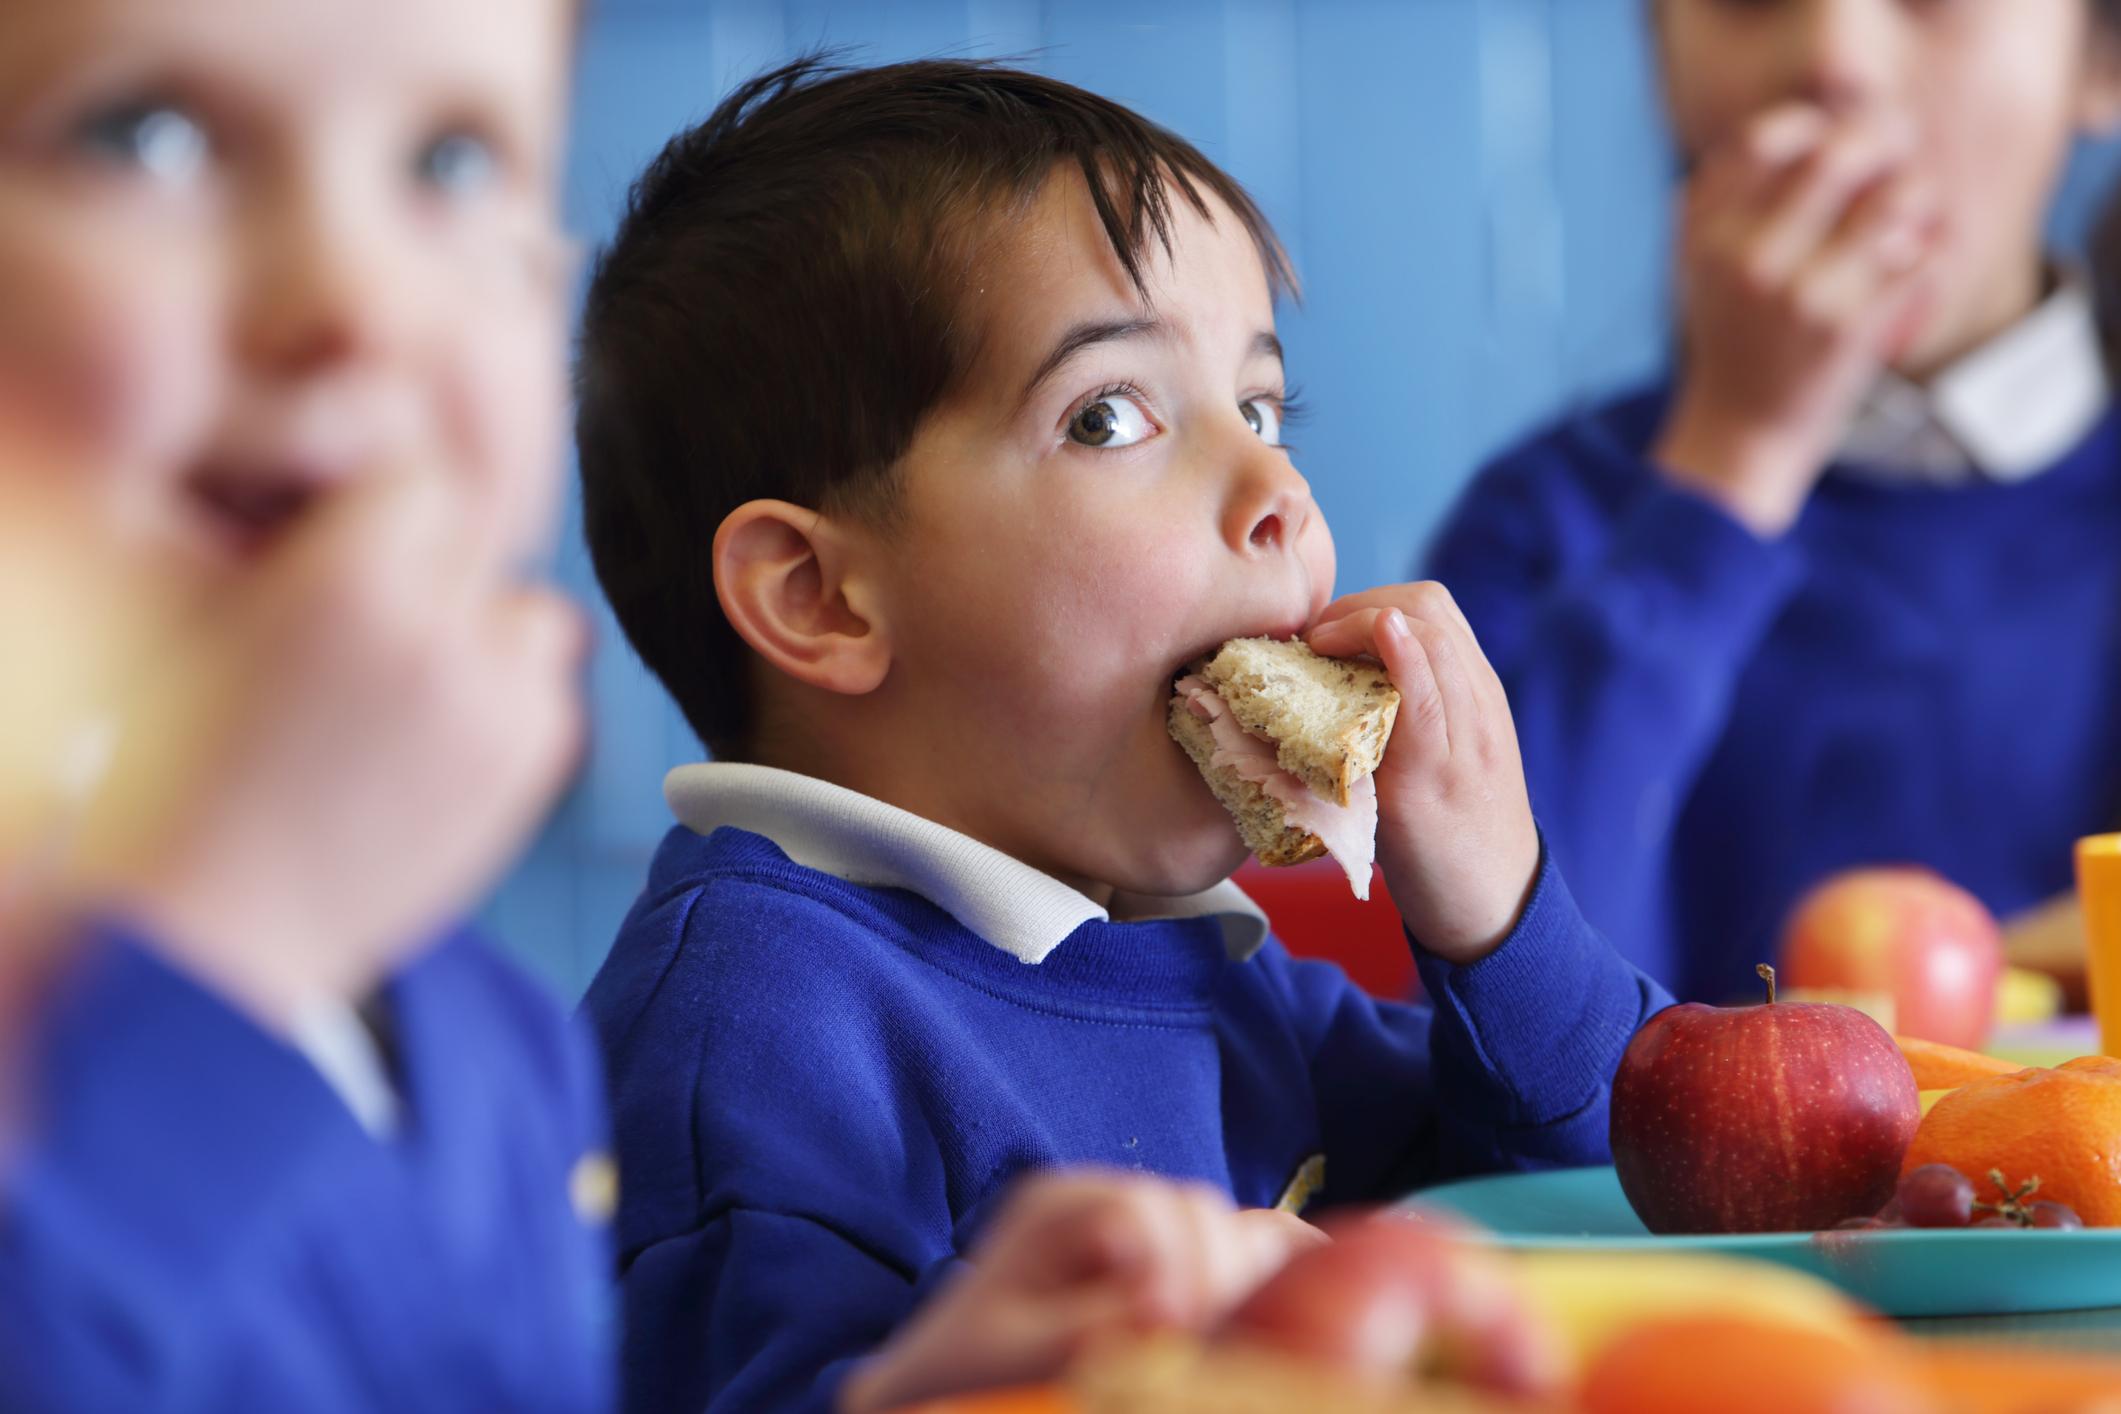 Un écolier mangeant un repas scolaire, une bonne question à poser lors de la visite d'une école primaire.